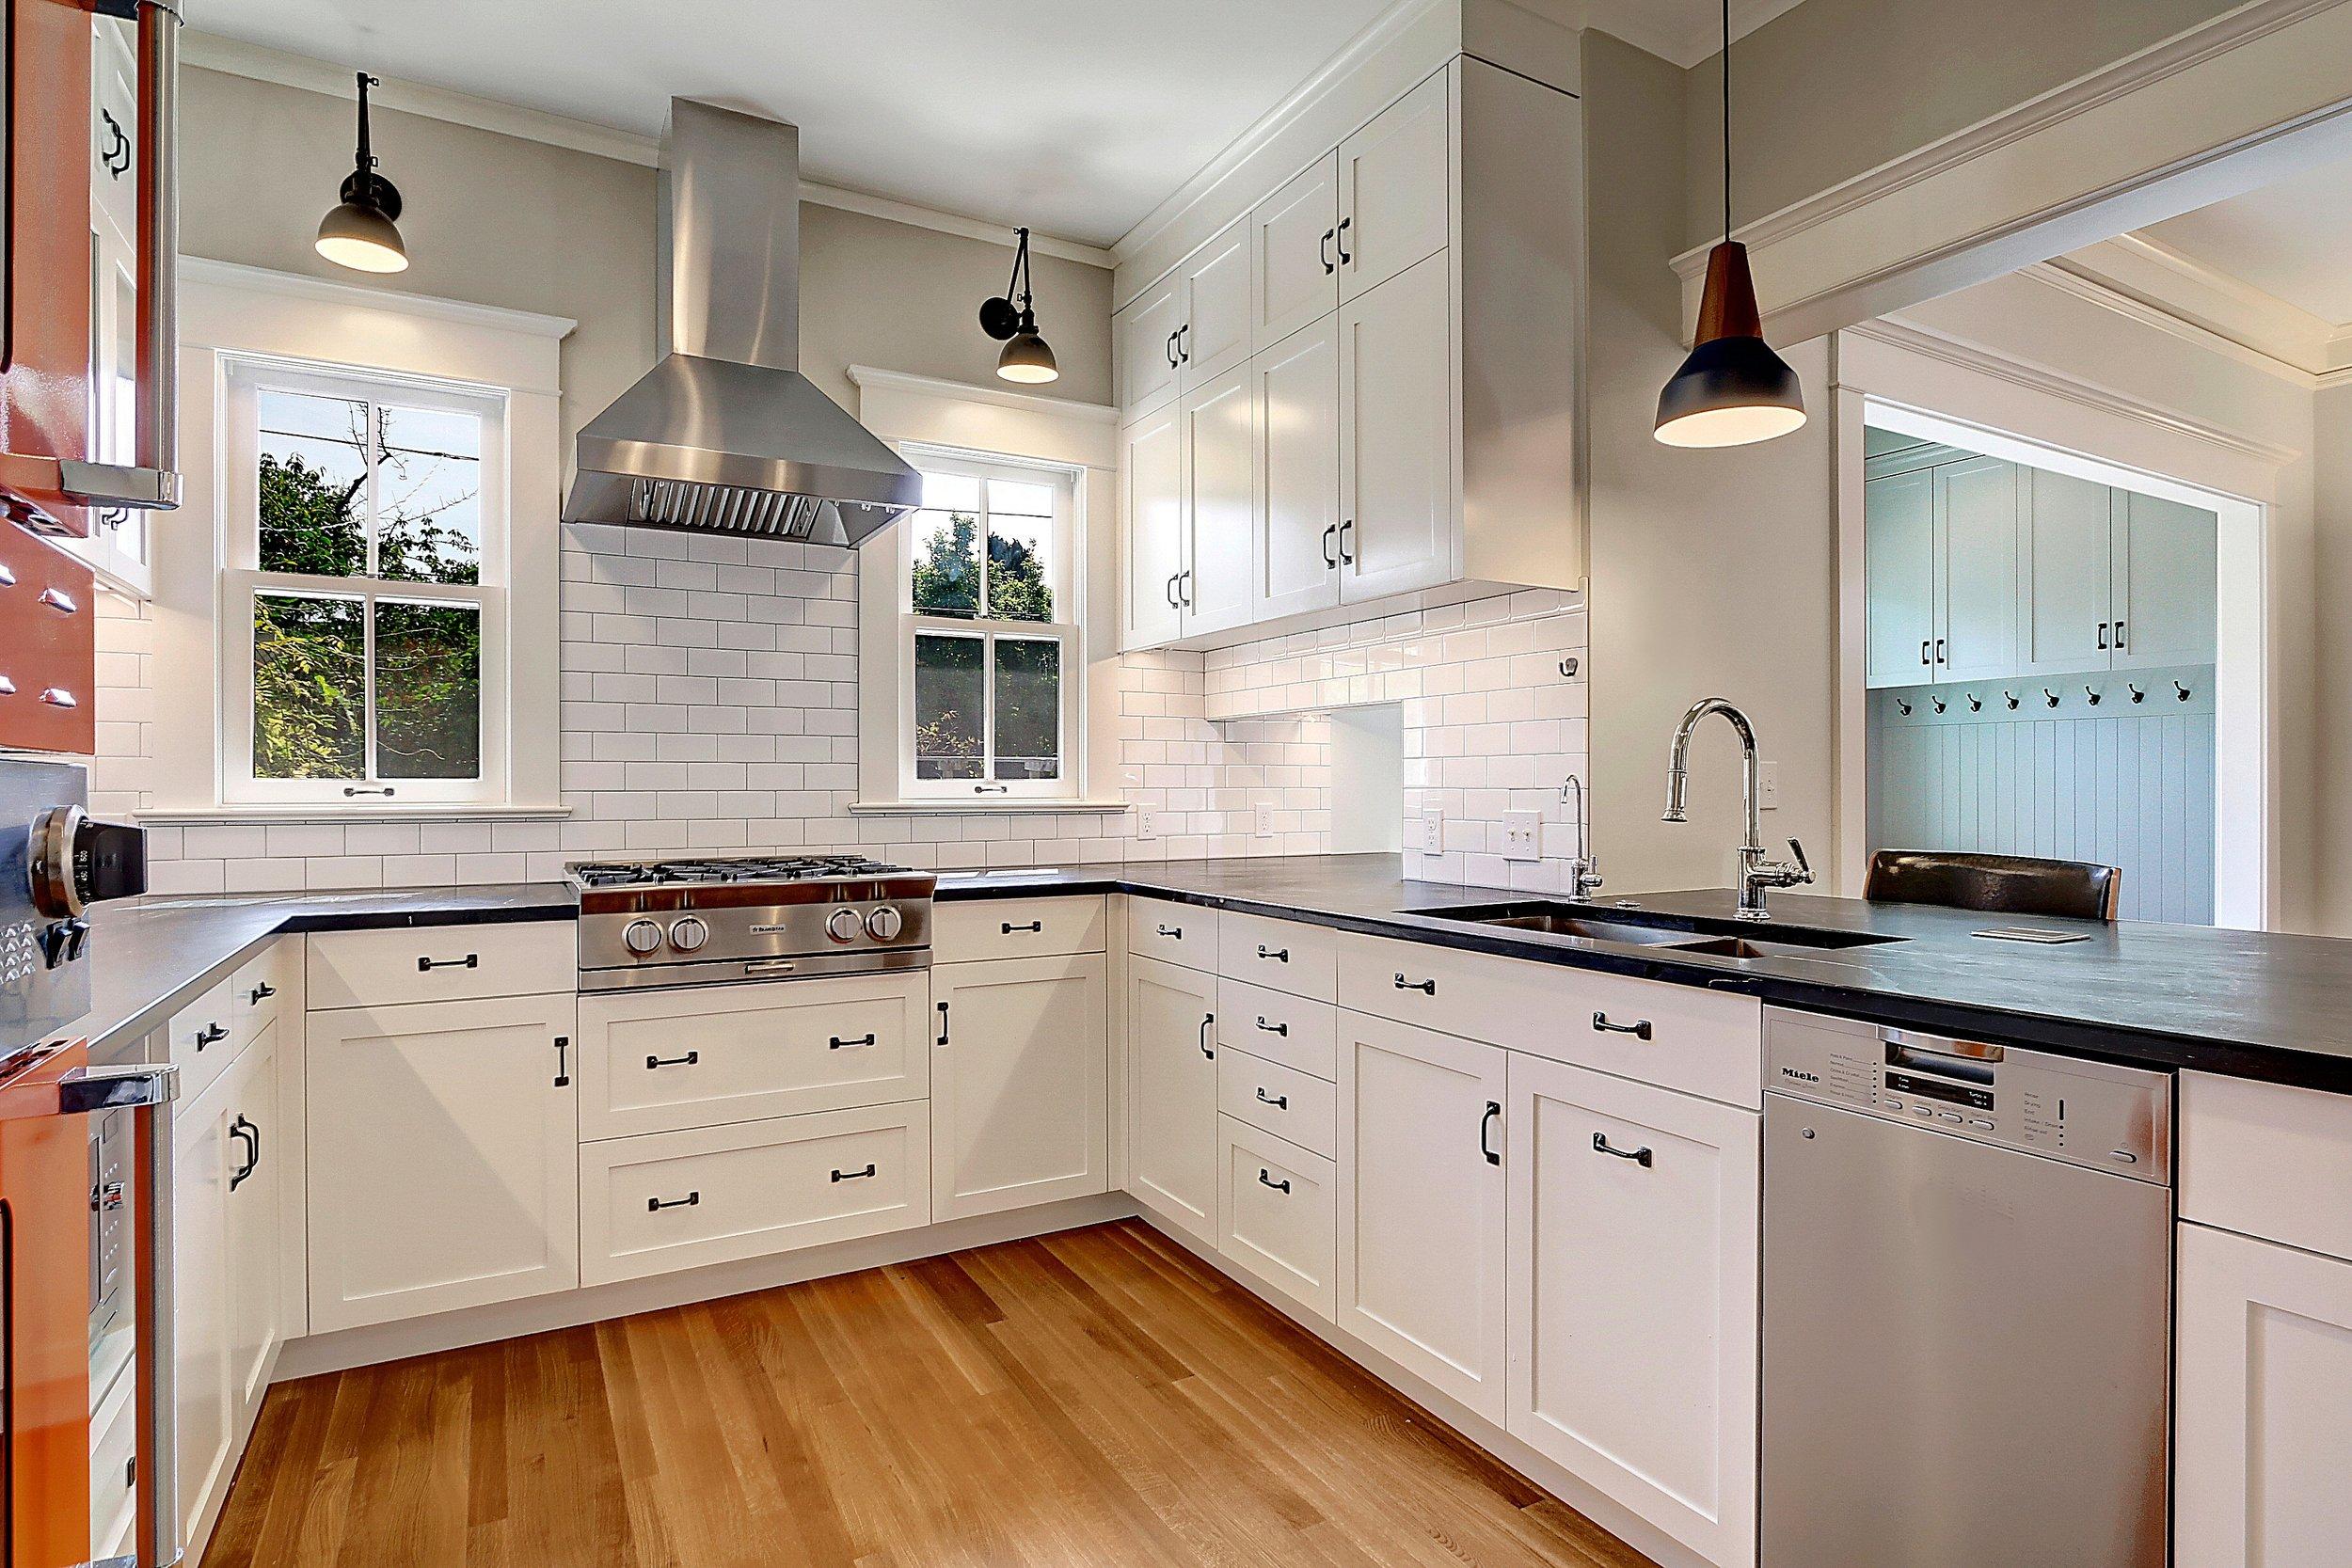 cap hill kitchen_06.jpg